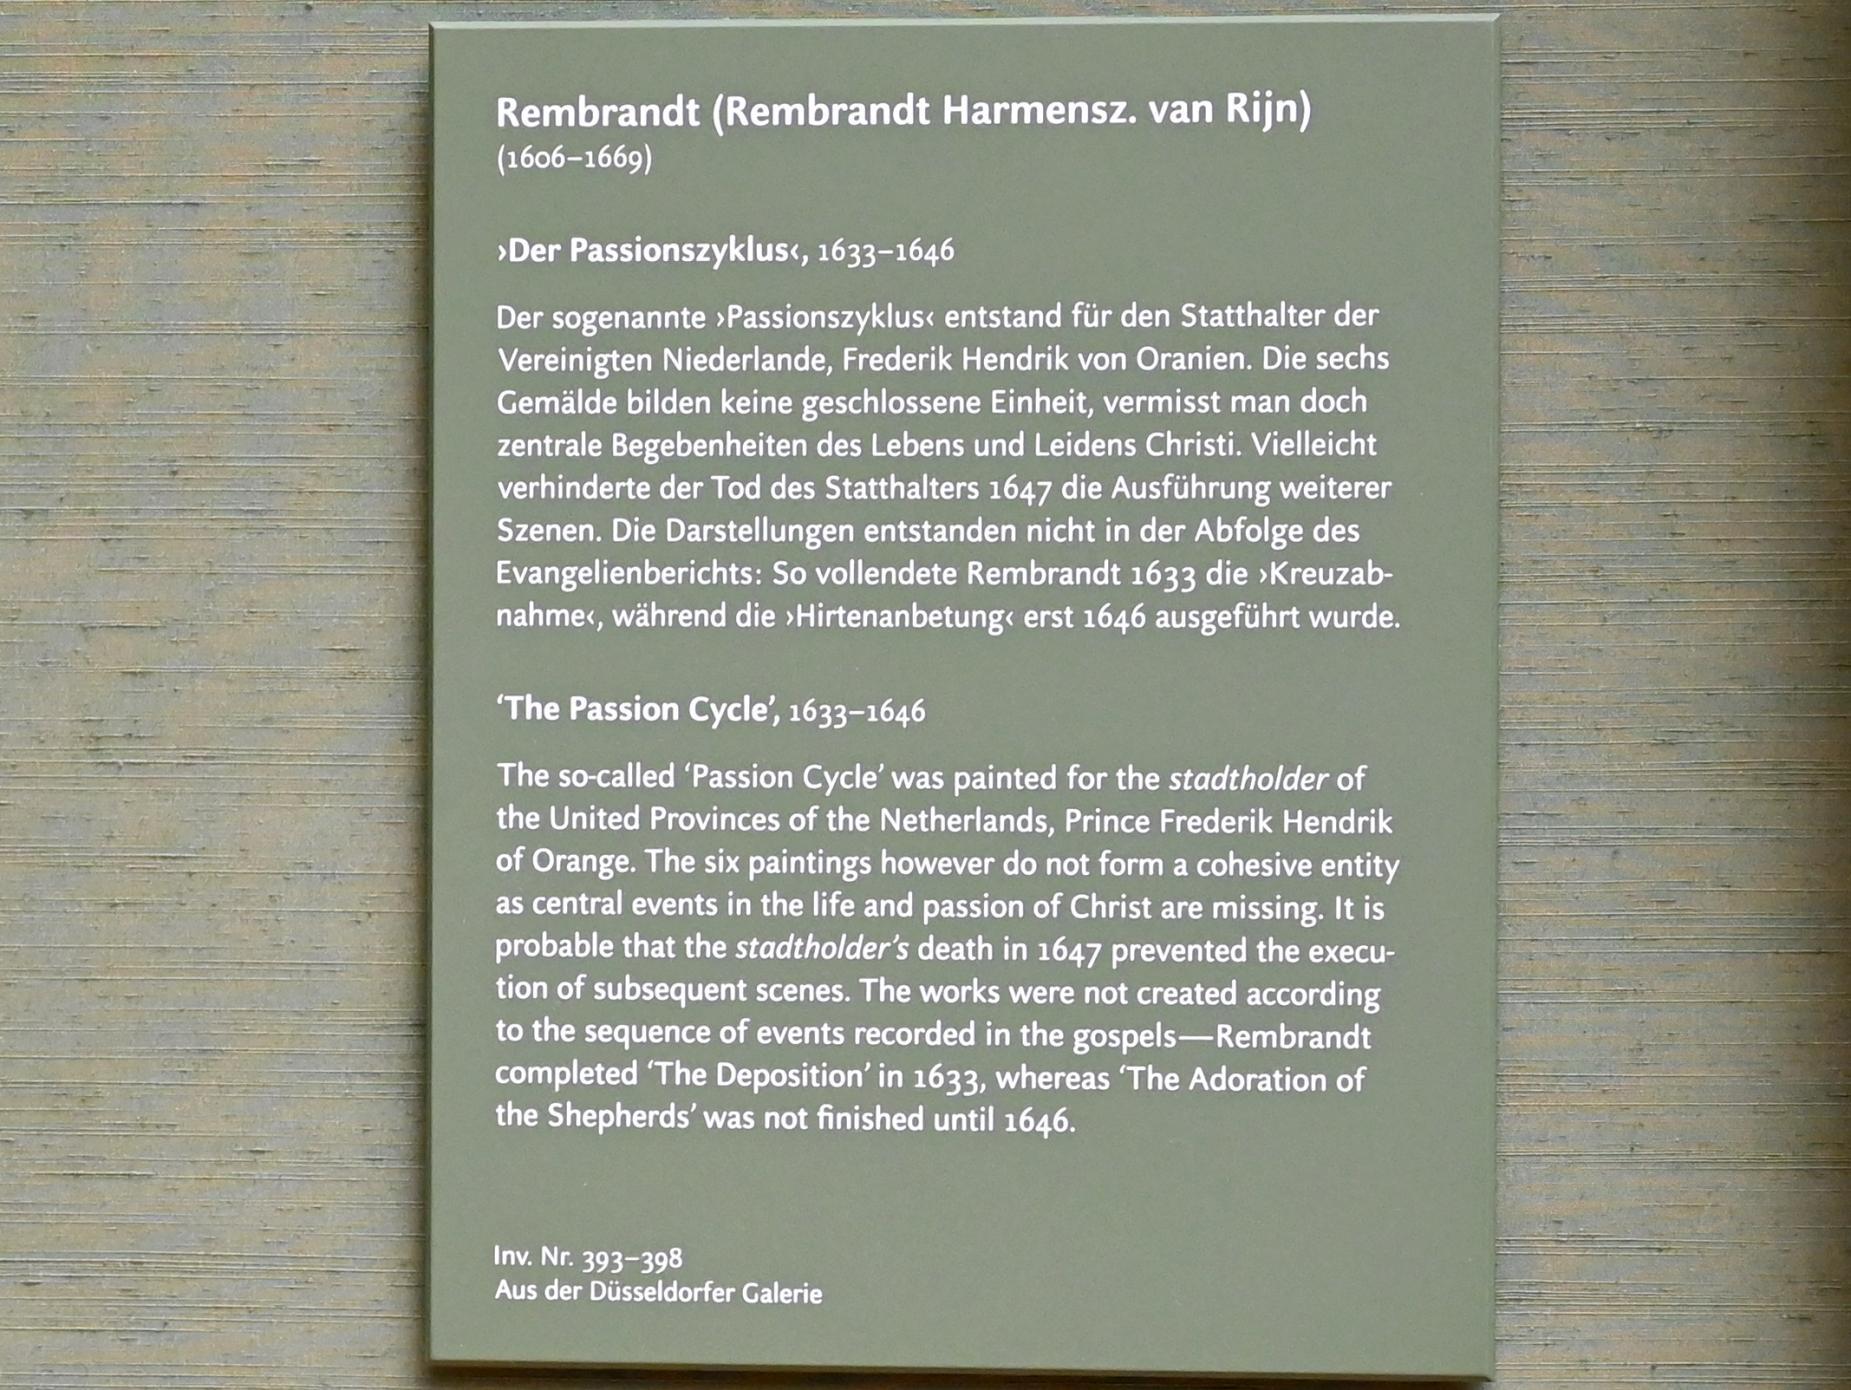 """Rembrandt (Rembrandt Harmenszoon van Rijn): Anbetung der Hirten aus dem """"Passionszyklus"""", 1646, Bild 3/3"""